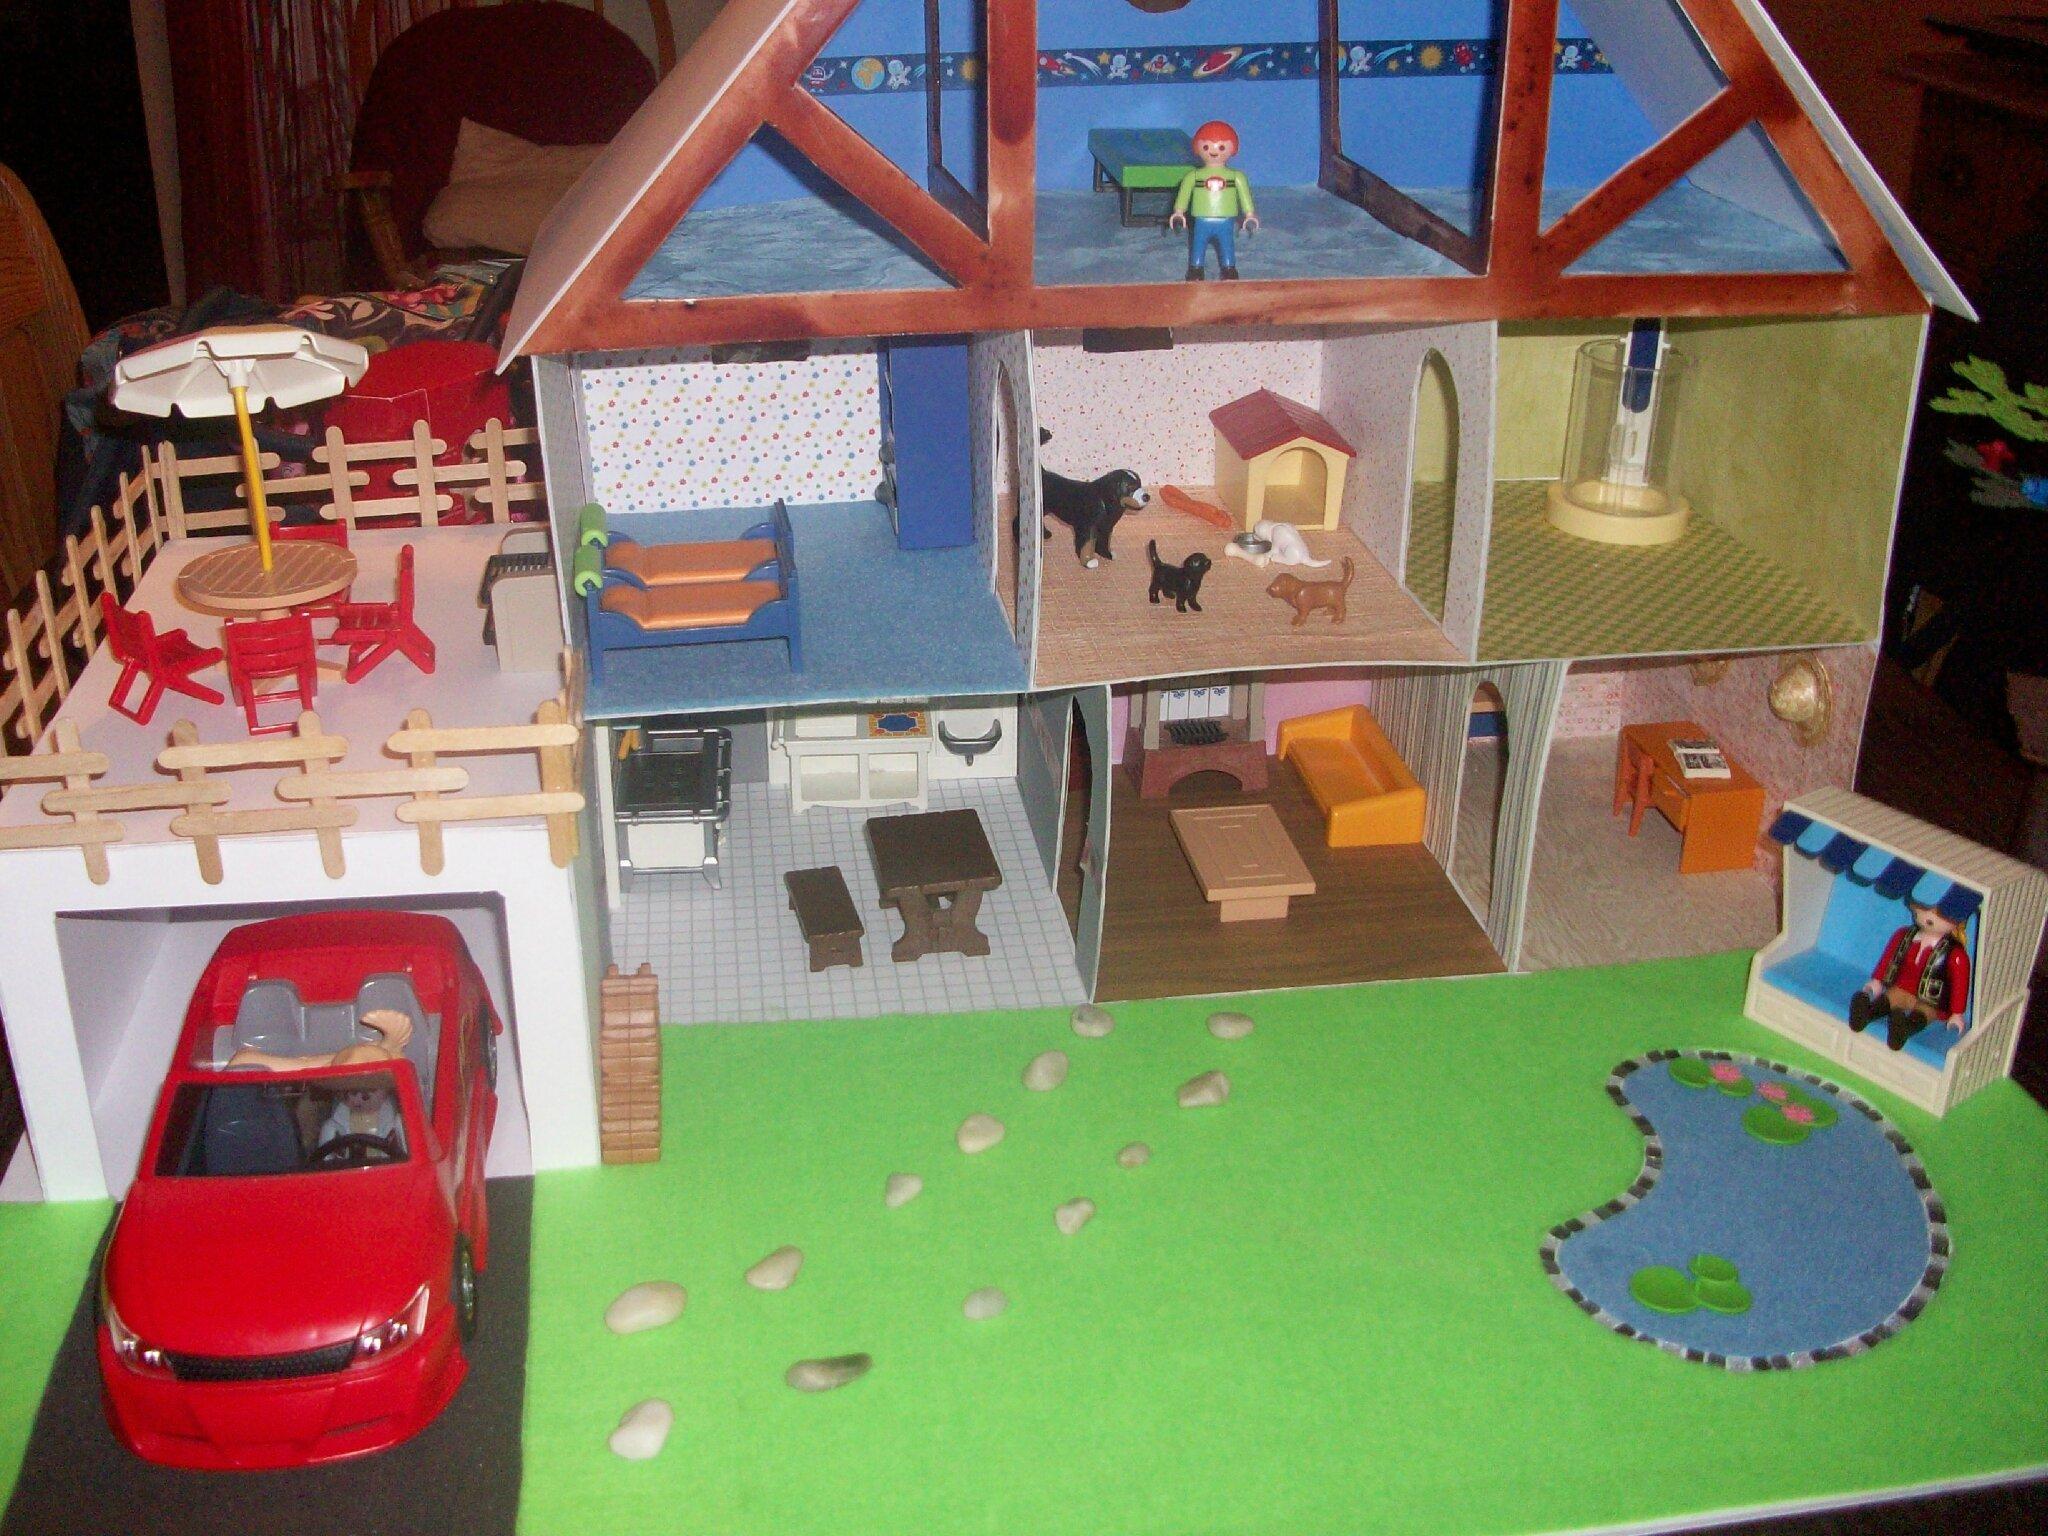 bien aim comment construire une maison playmobil pt72 humatraffin. Black Bedroom Furniture Sets. Home Design Ideas